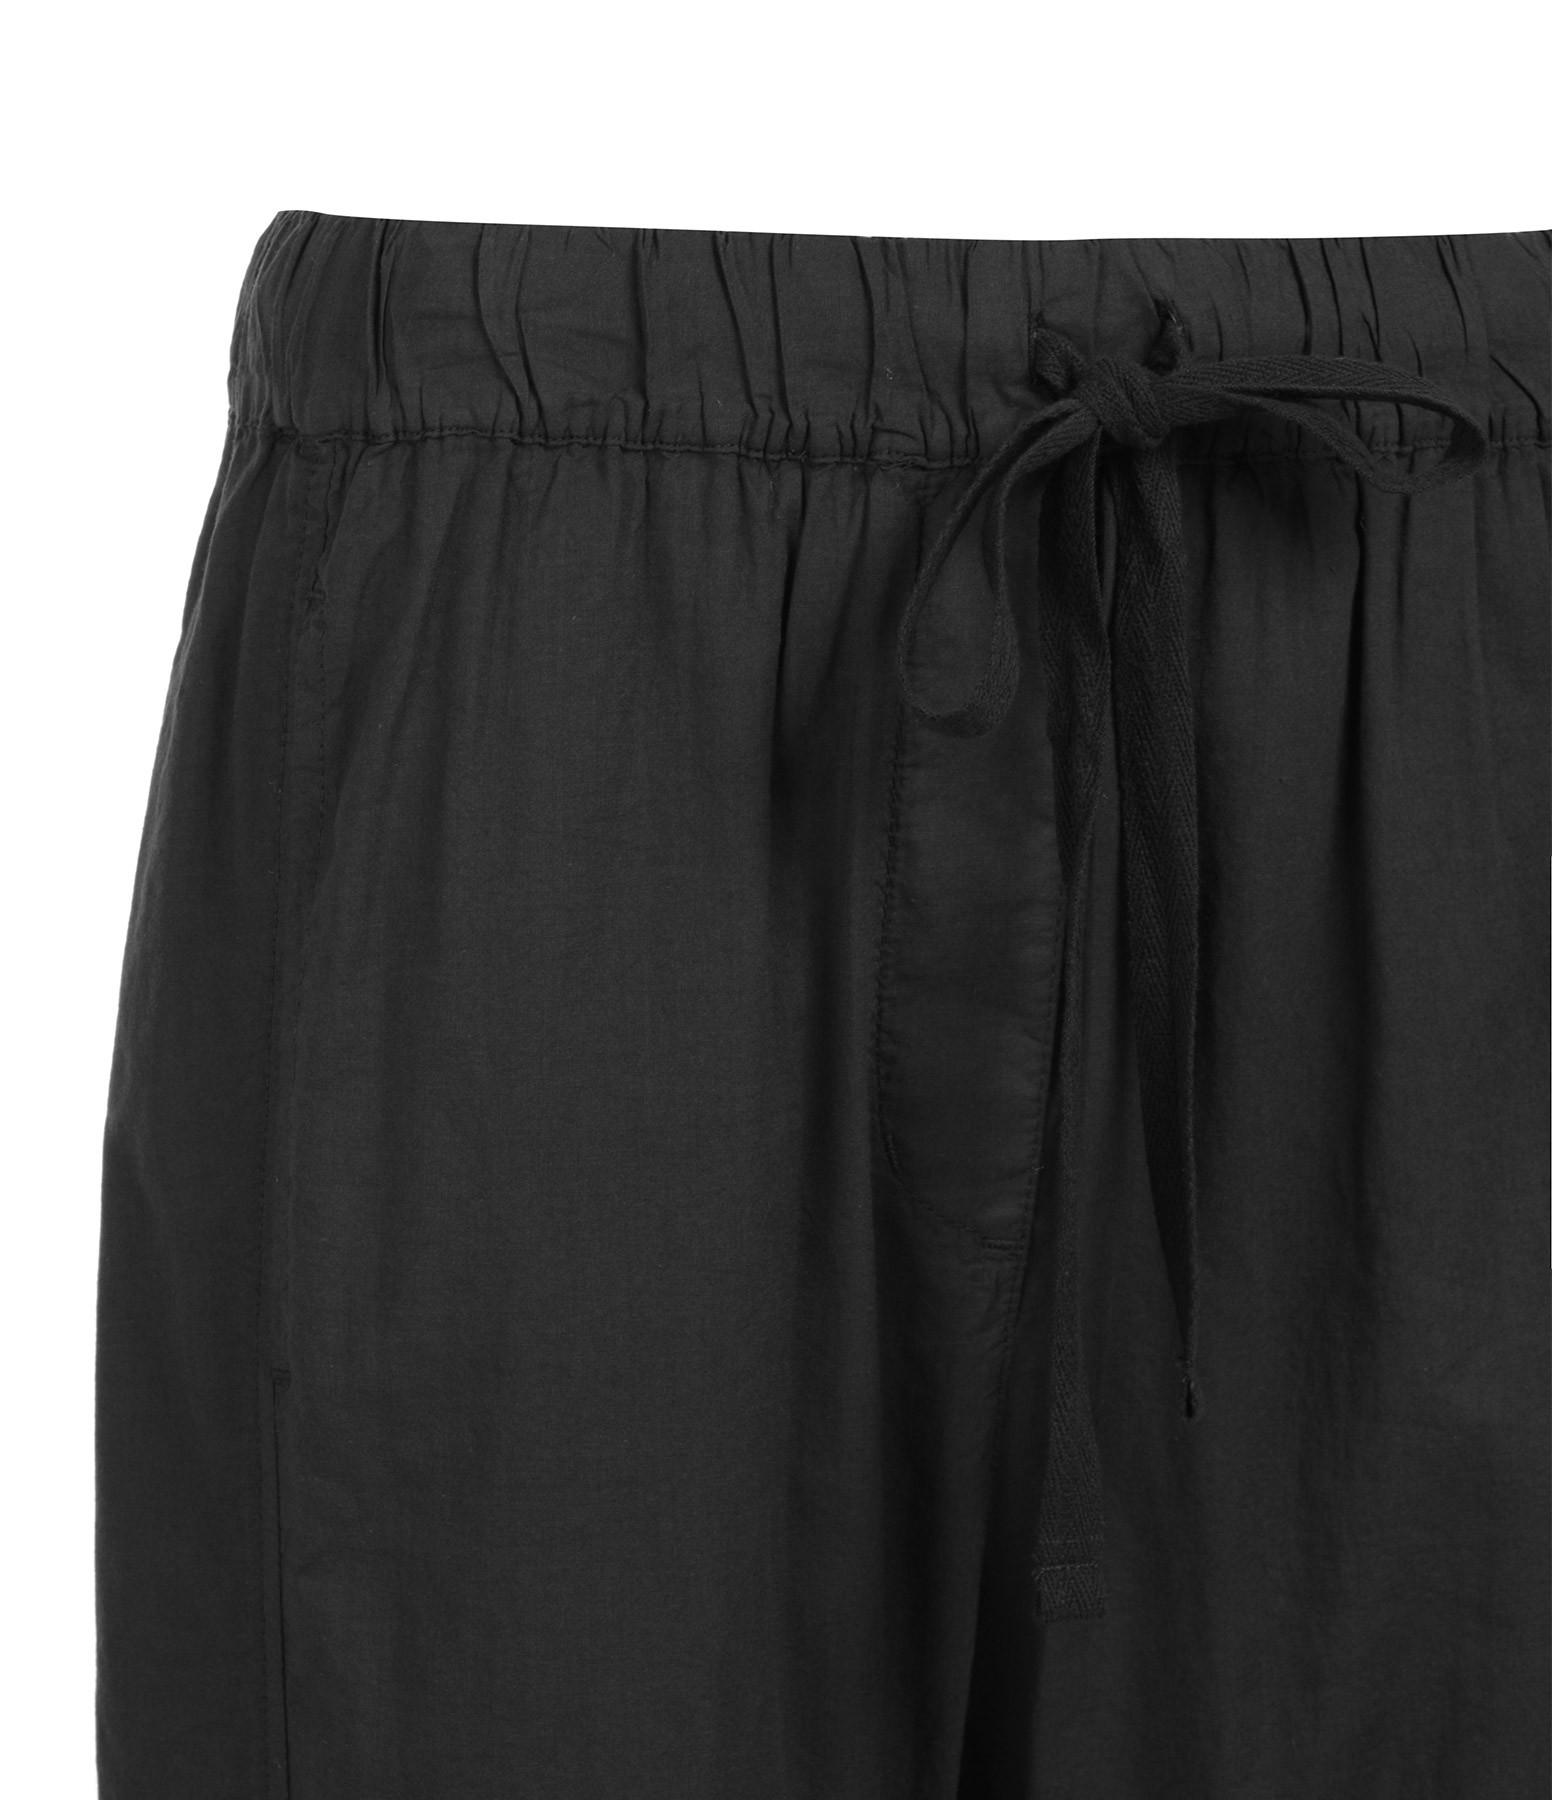 XIRENA - Pantalon Draper Noir